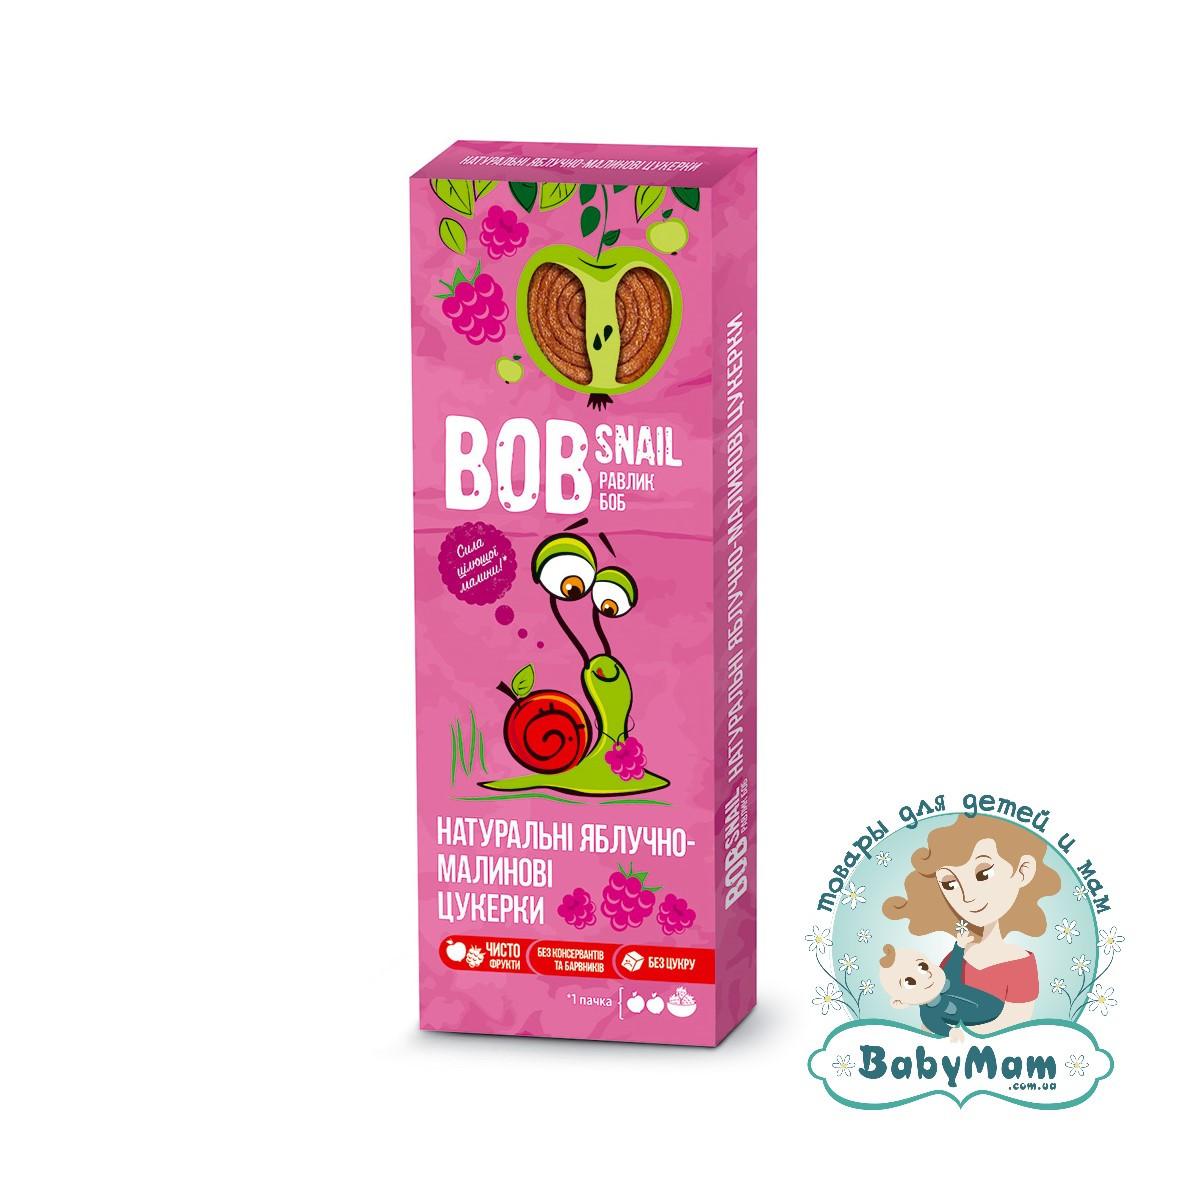 Конфеты натуральные Bob Snail (Равлик Боб) Яблочно-Малиновые, 30гр